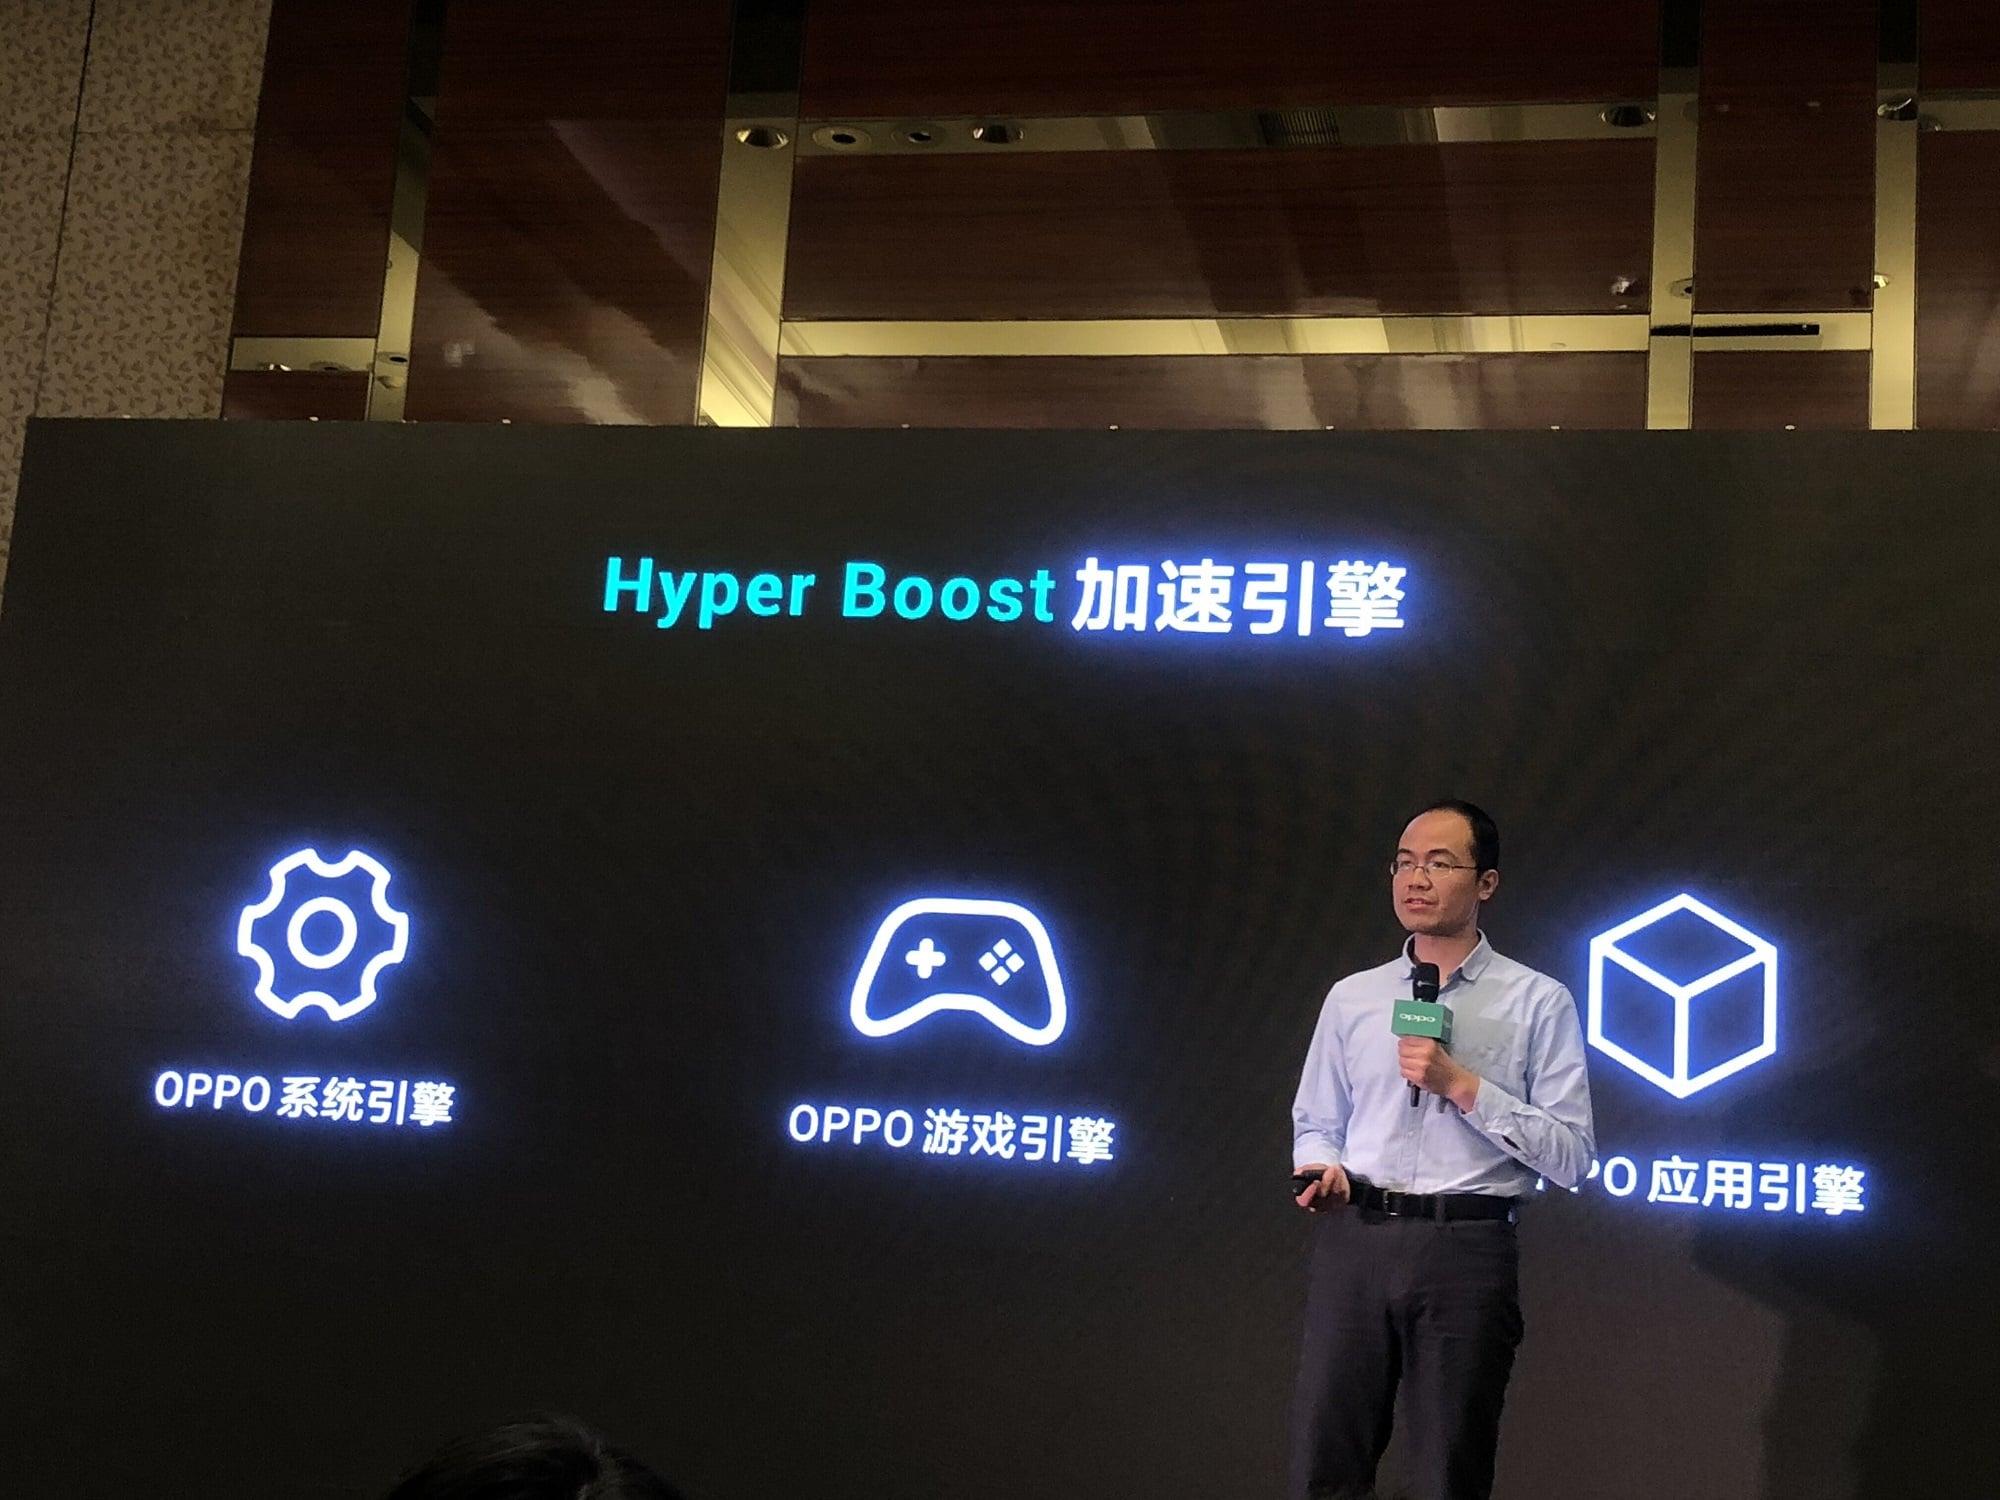 Oto odpowiedź Oppo na GPU Turbo Huawei i Honora - technologia Hyper Boost 17